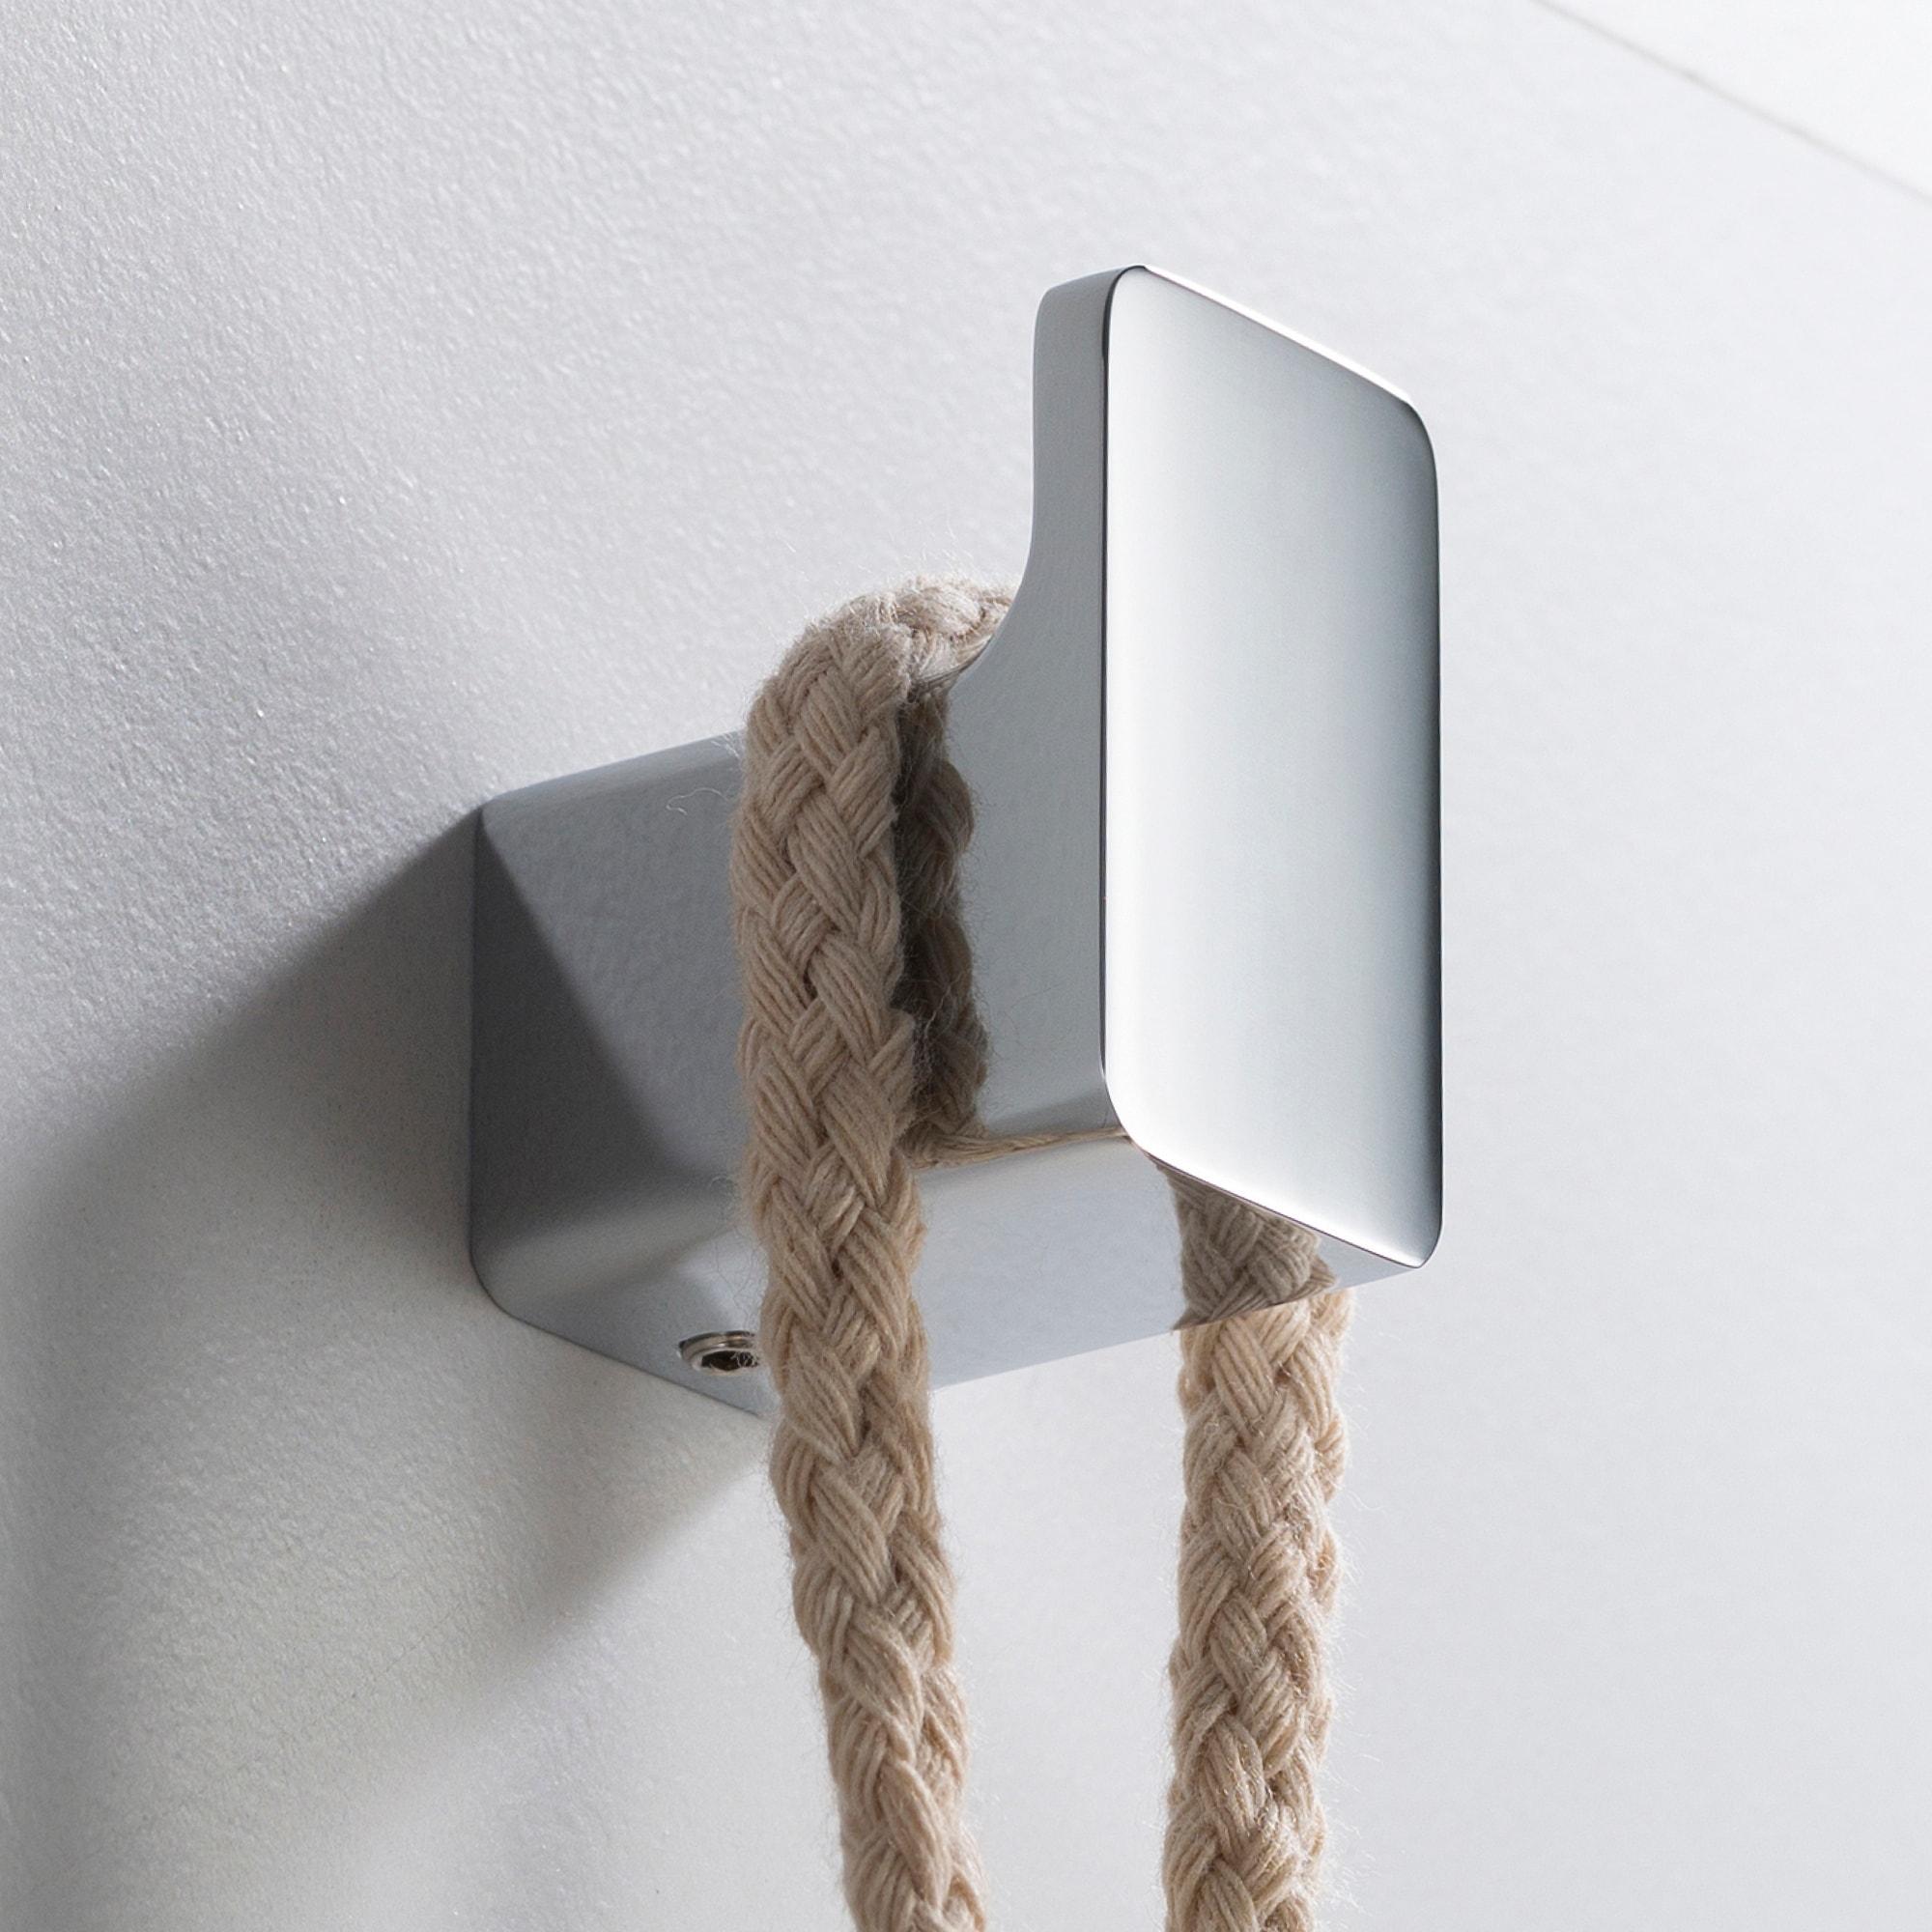 Kraus Stelios Bathroom Robe And Towel Hook Overstock 24267226